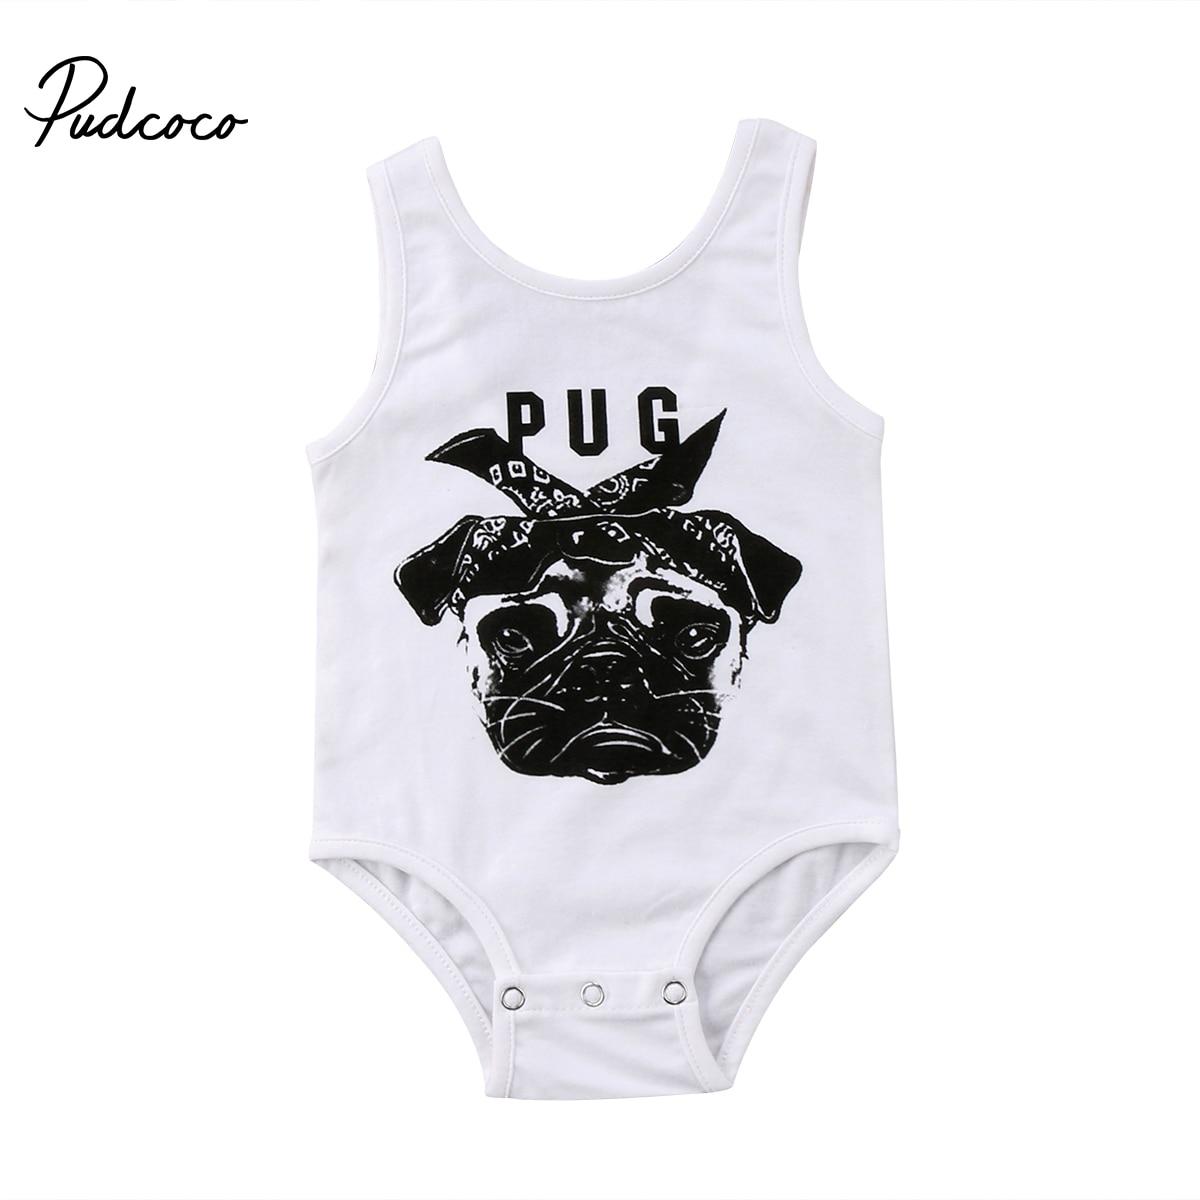 Новорожденных Для маленьких мальчиков комбинезон для девочек животного Модные принты Летние Боди женский пляжный костюм для 0-24 м